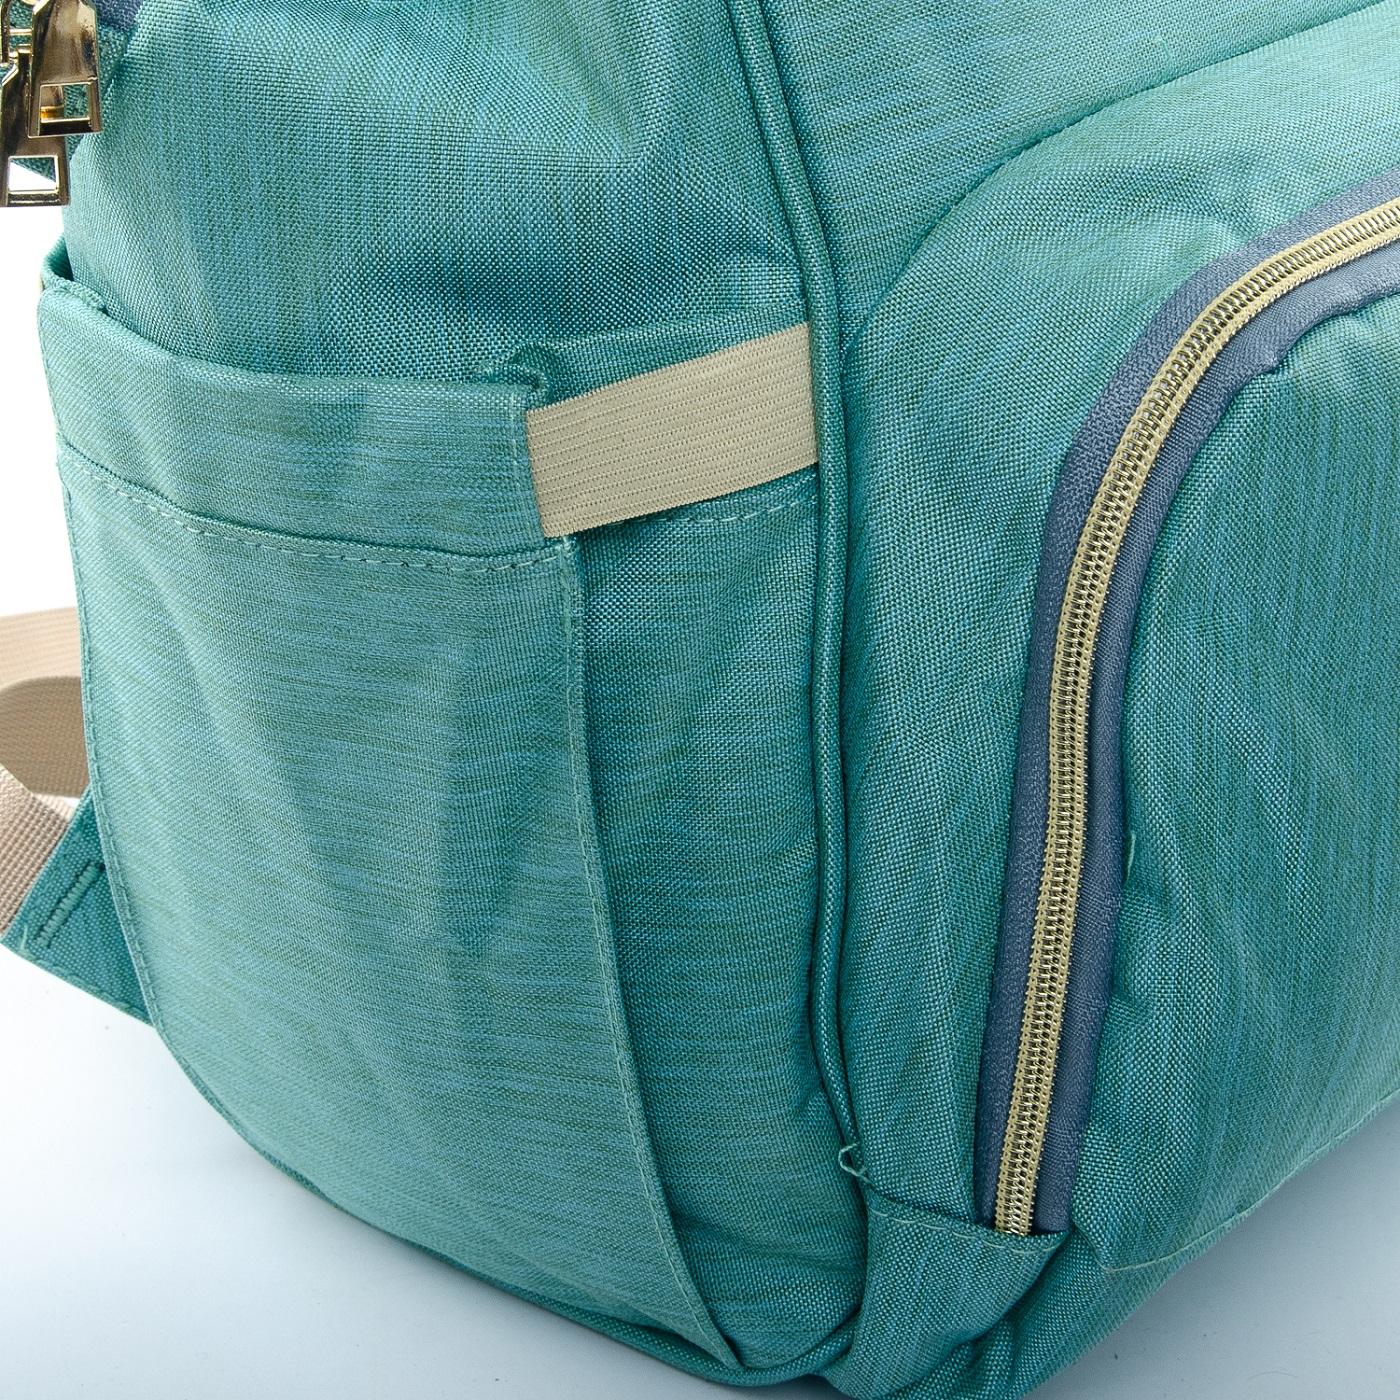 Сумка Женская Рюкзак нейлон Lanpad D900 green - фото 5